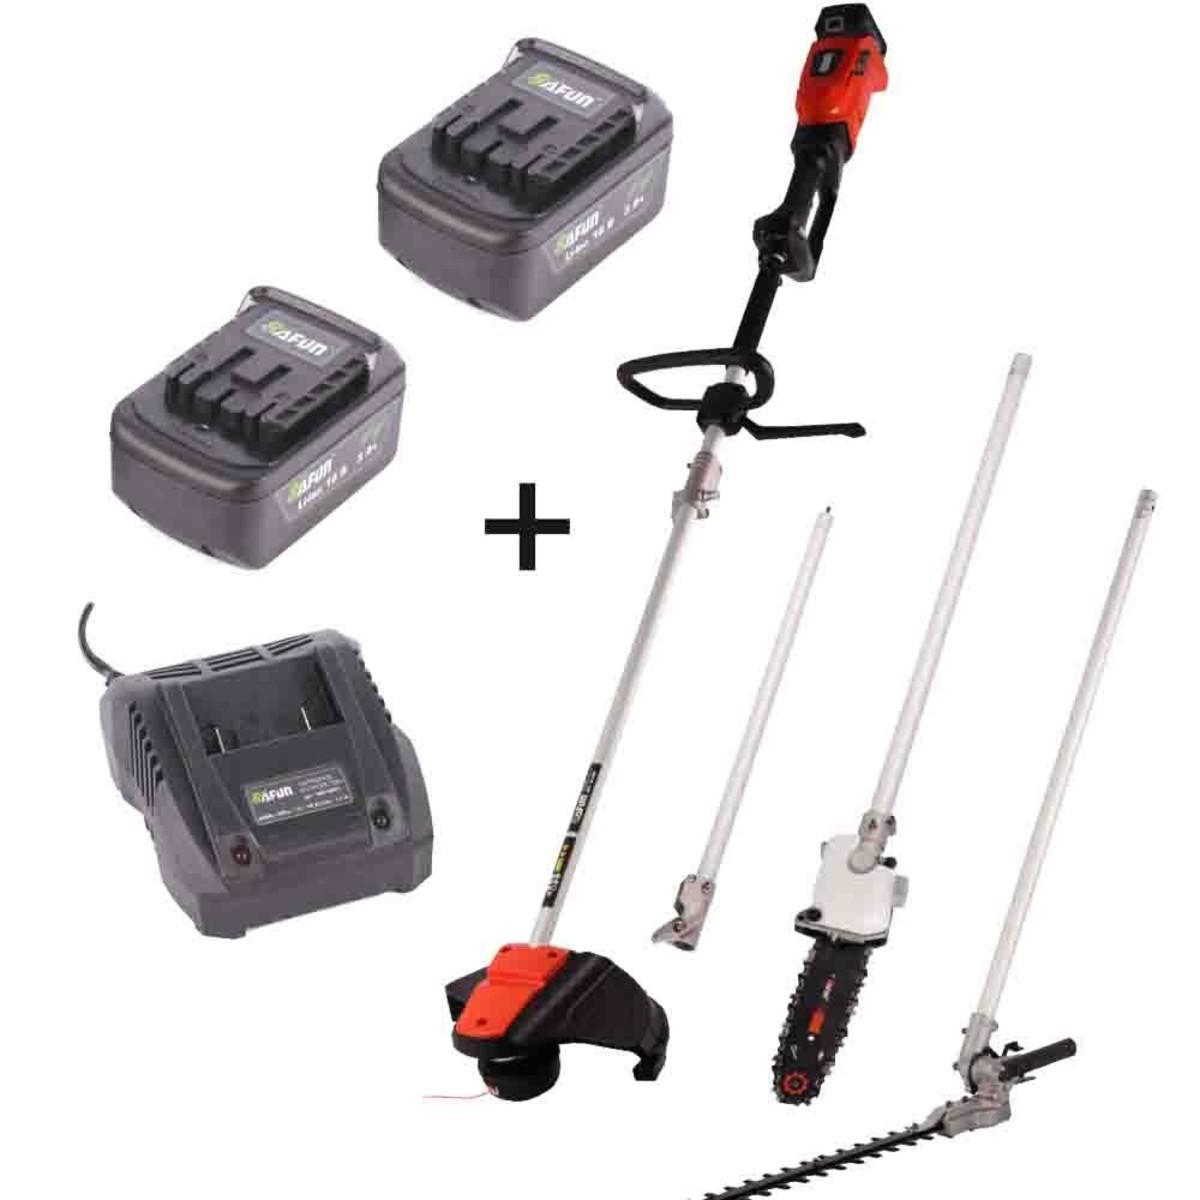 Триммер аккумуляторный SAFUN BCL-18-302 1030103